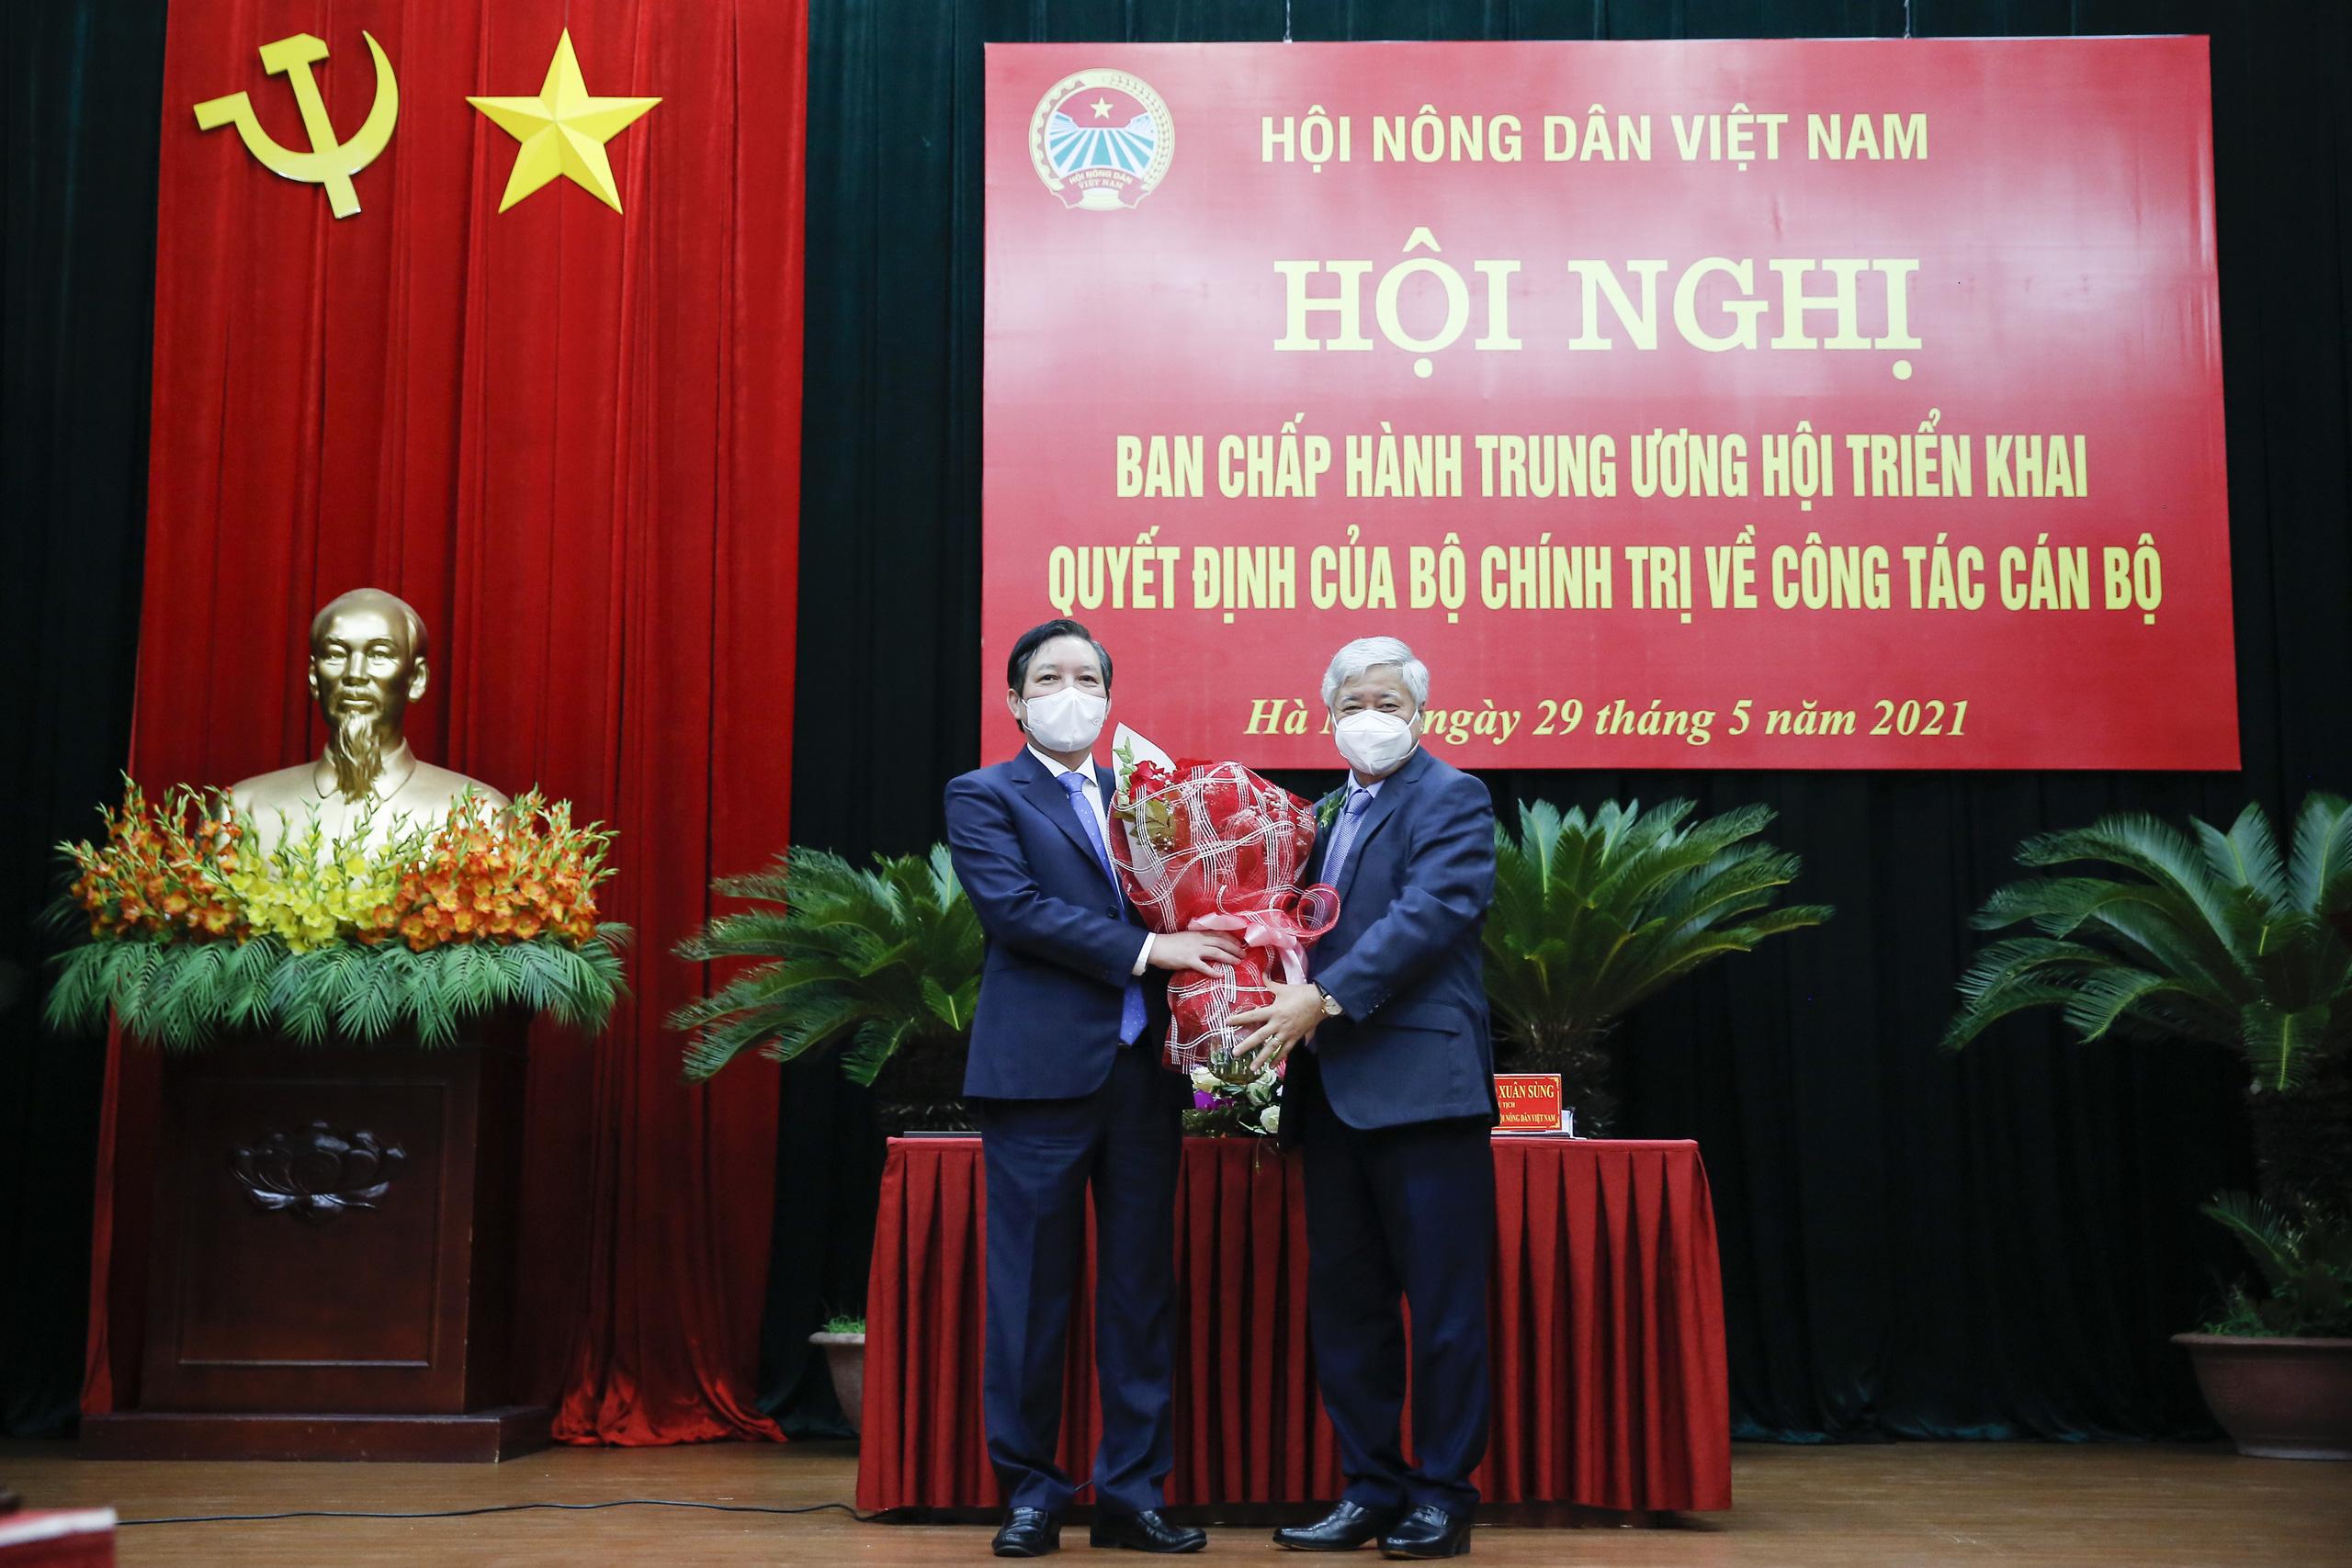 Ông Lương Quốc Đoàn đảm nhận chức Bí thư Đảng đoàn T.Ư Hội Nông dân Việt Nam - Ảnh 3.